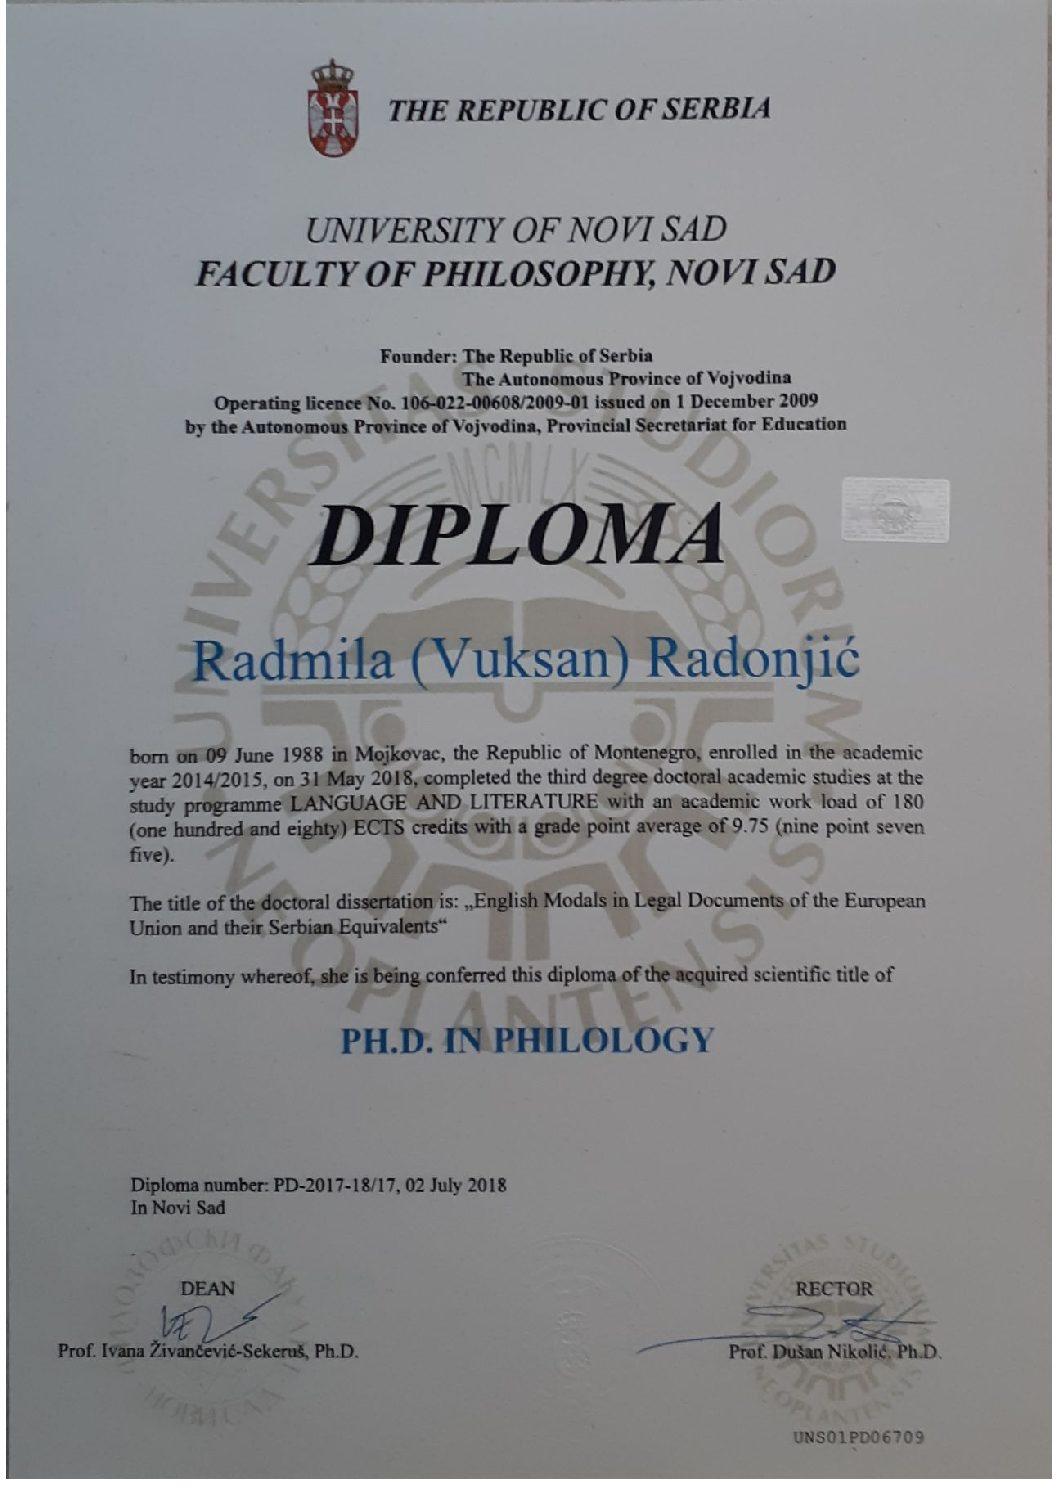 My PhD diploma